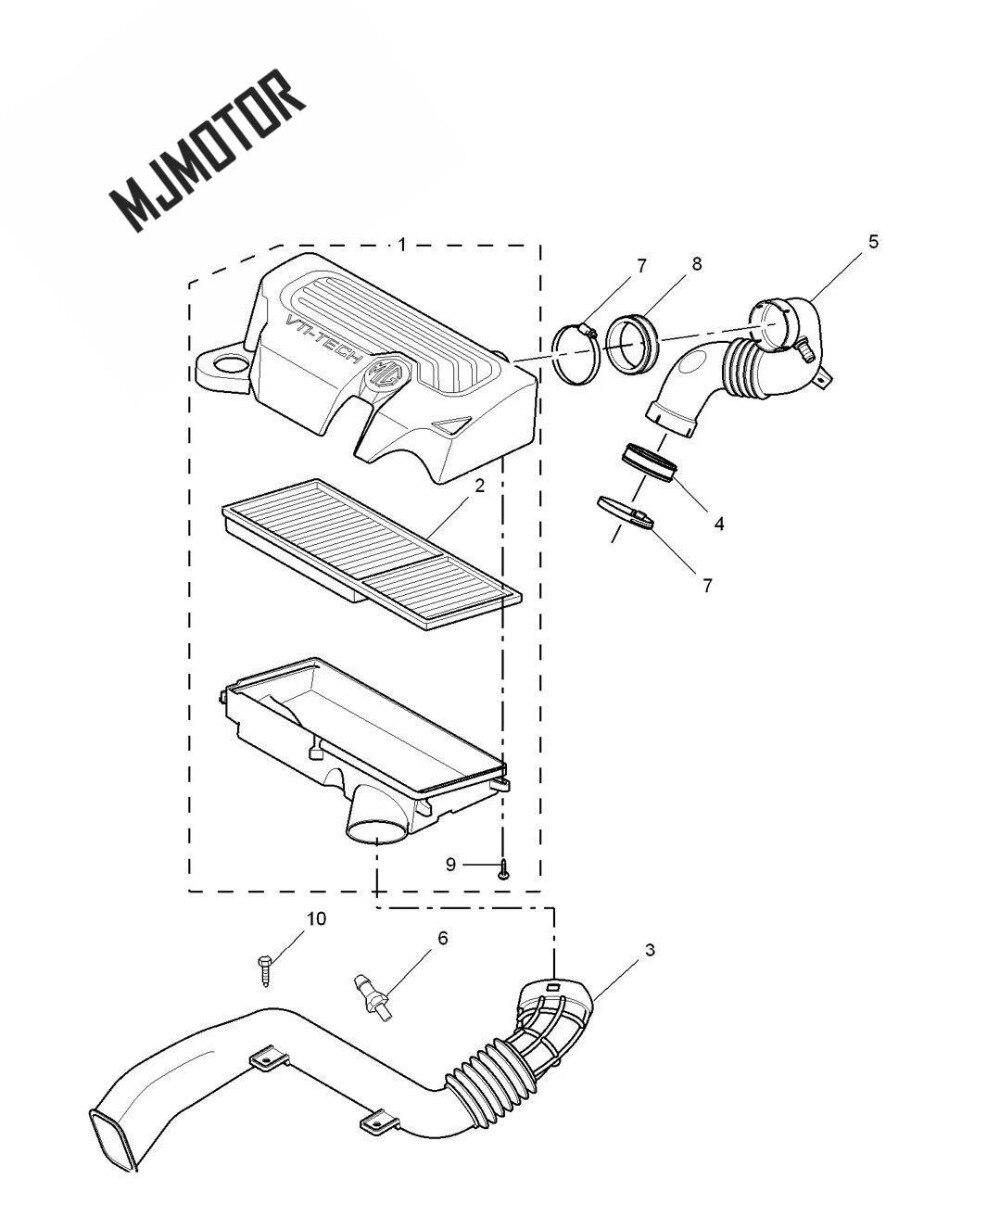 Tuyau d'admission en caoutchouc de filtre à Air pour les pièces de moteur de voiture automatique SAIC ROEWE MG3 chinois 10142588 - 6